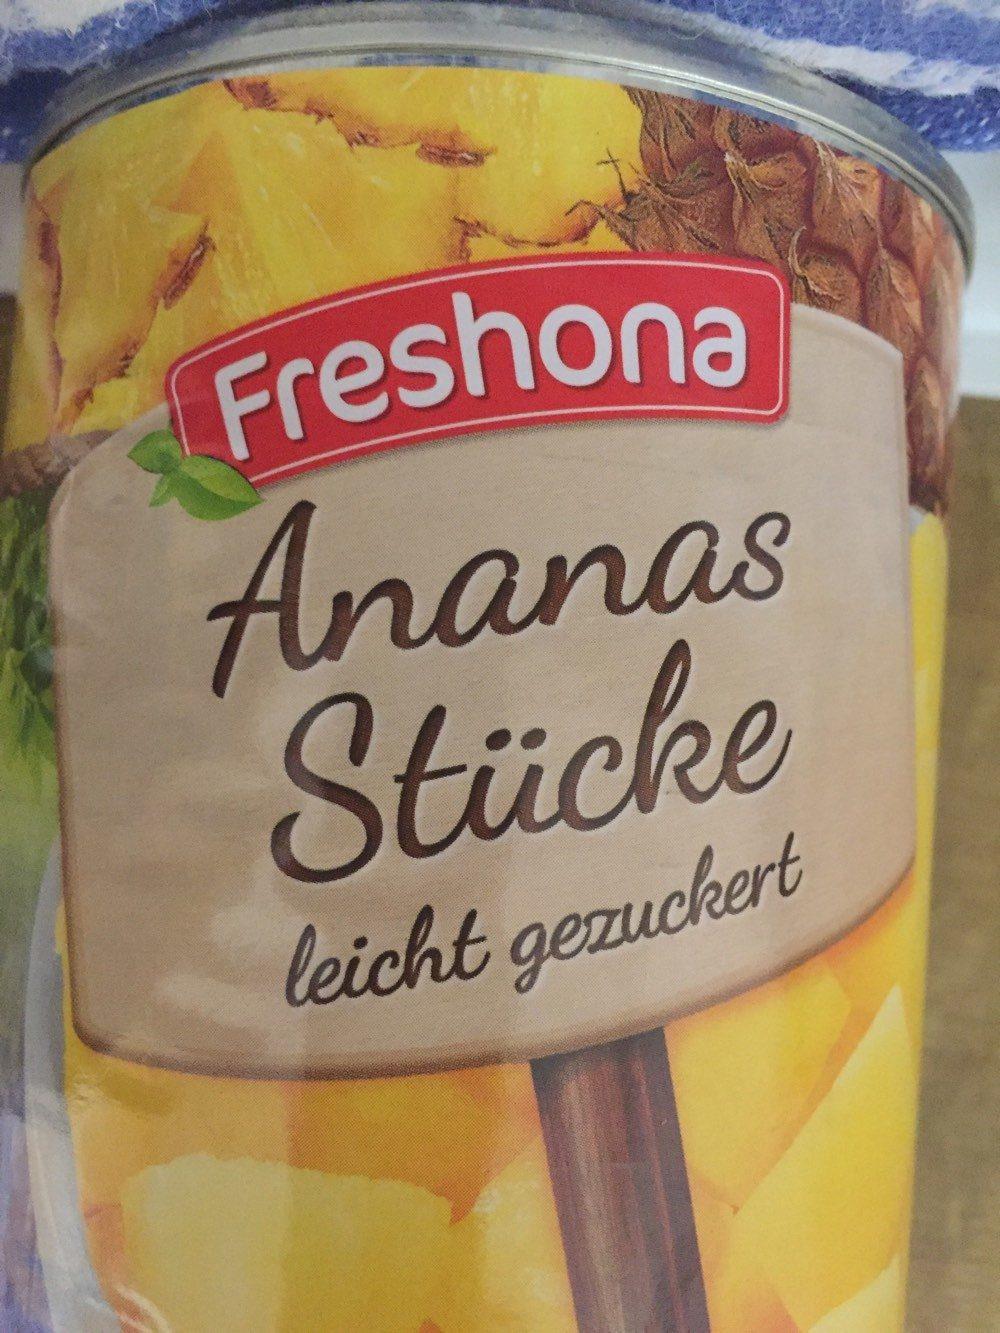 Ananas en morceaux au sirop léger - Produit